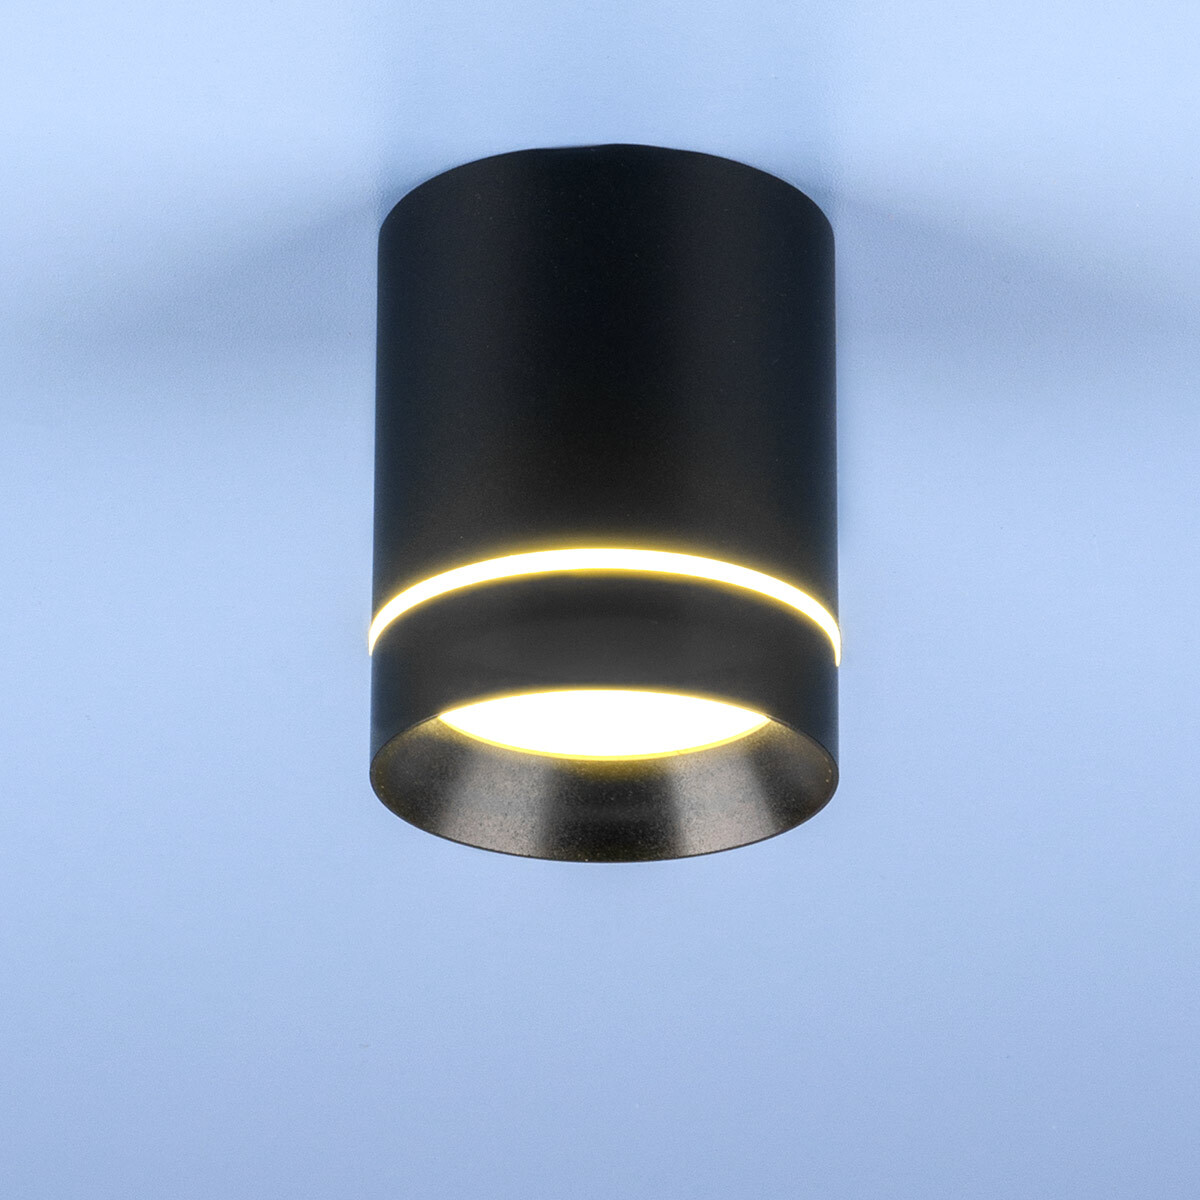 DLR021 9W 4200K / Светильник светодиодный стационарный черный матовый